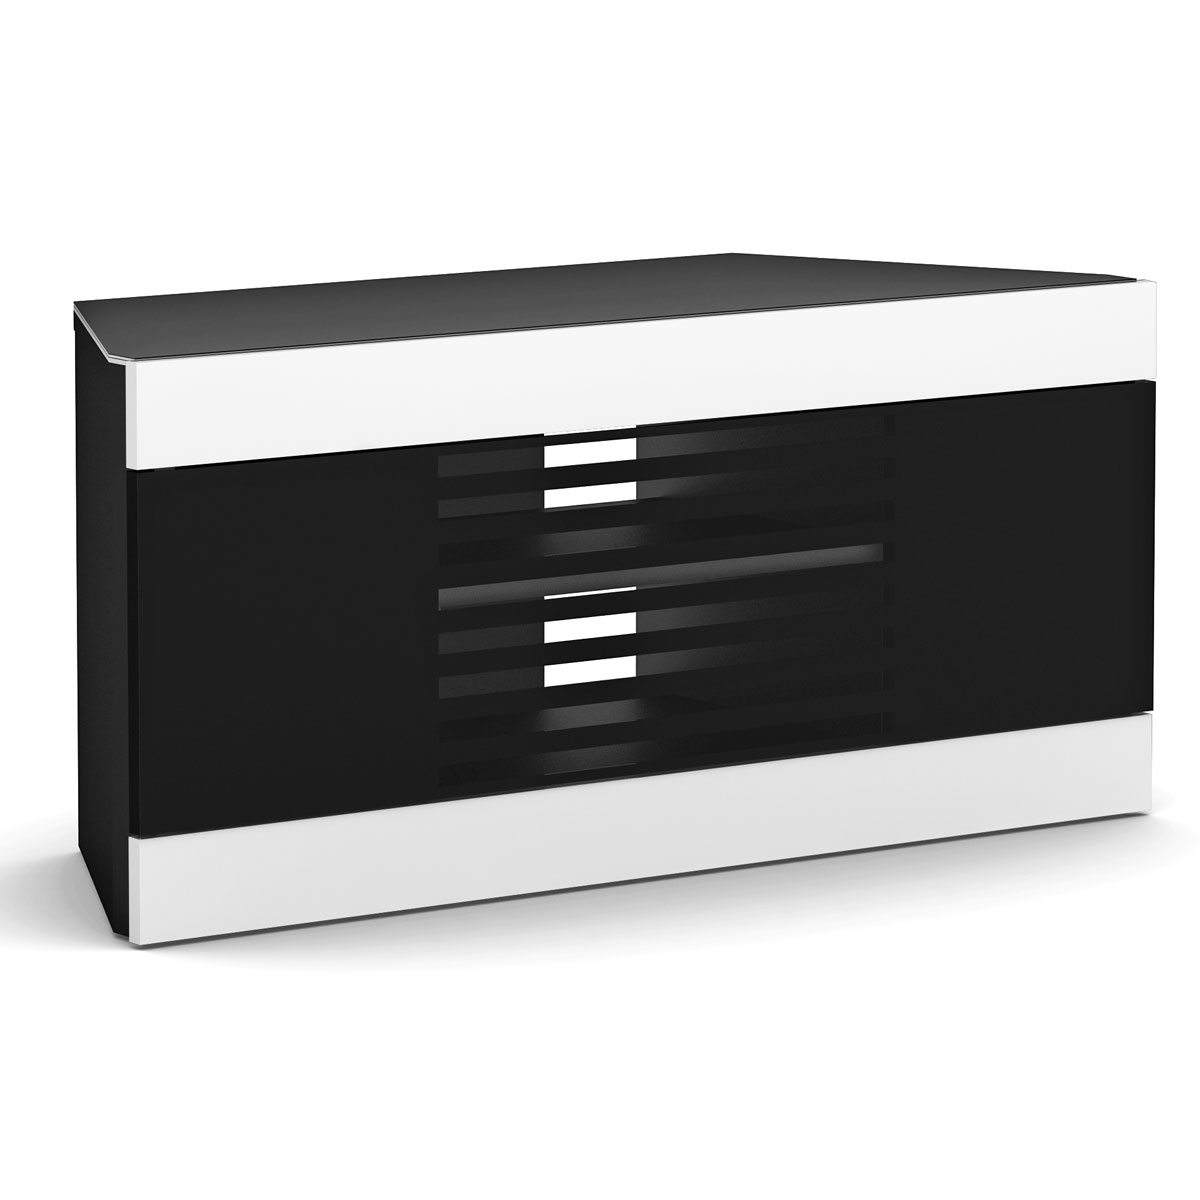 Elmob linos li 110 06 noir meuble tv elmob sur ldlc - Meuble pour ecran plat ...